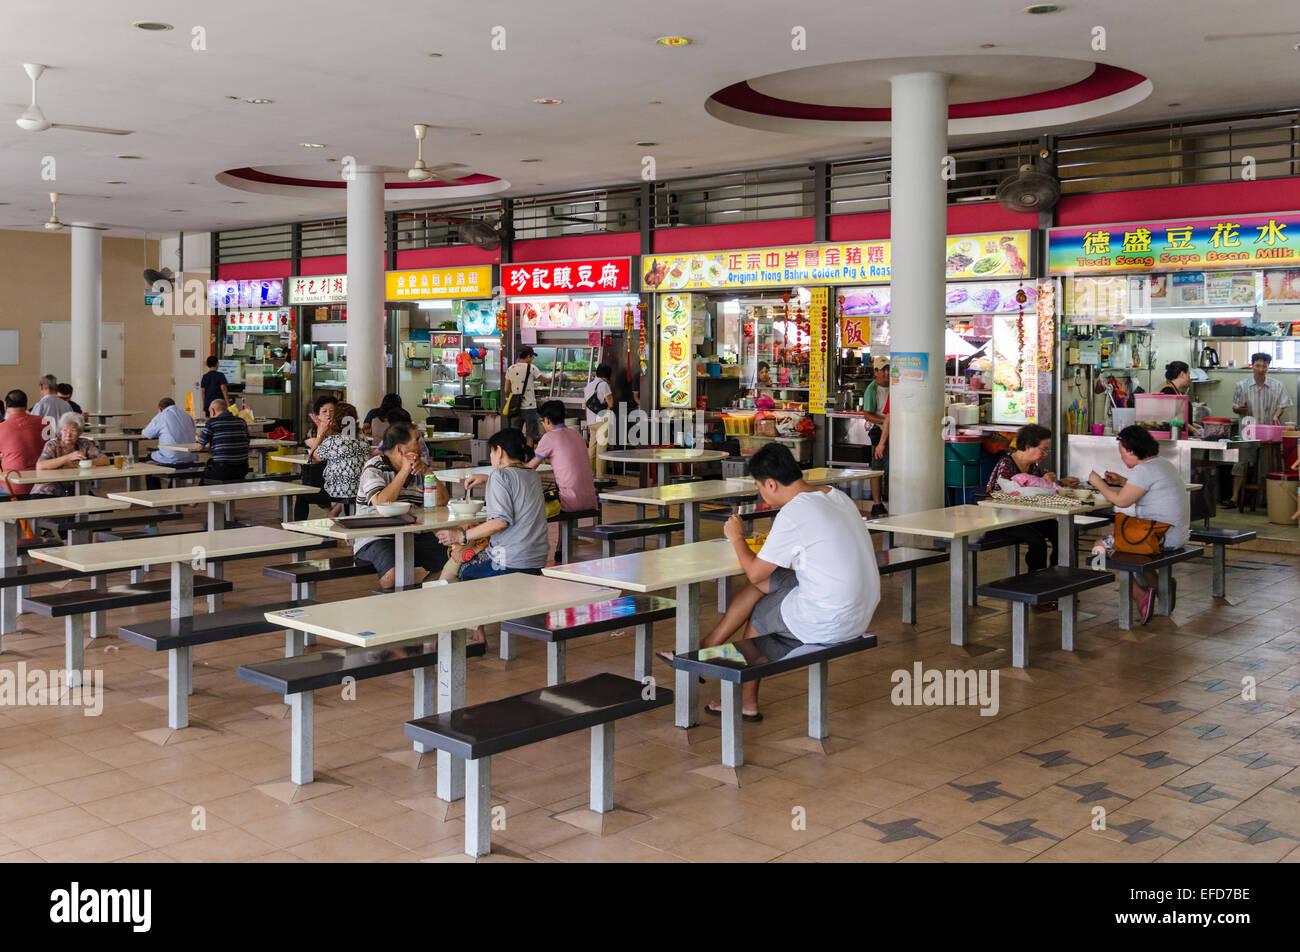 Tiong Bahru Market Food